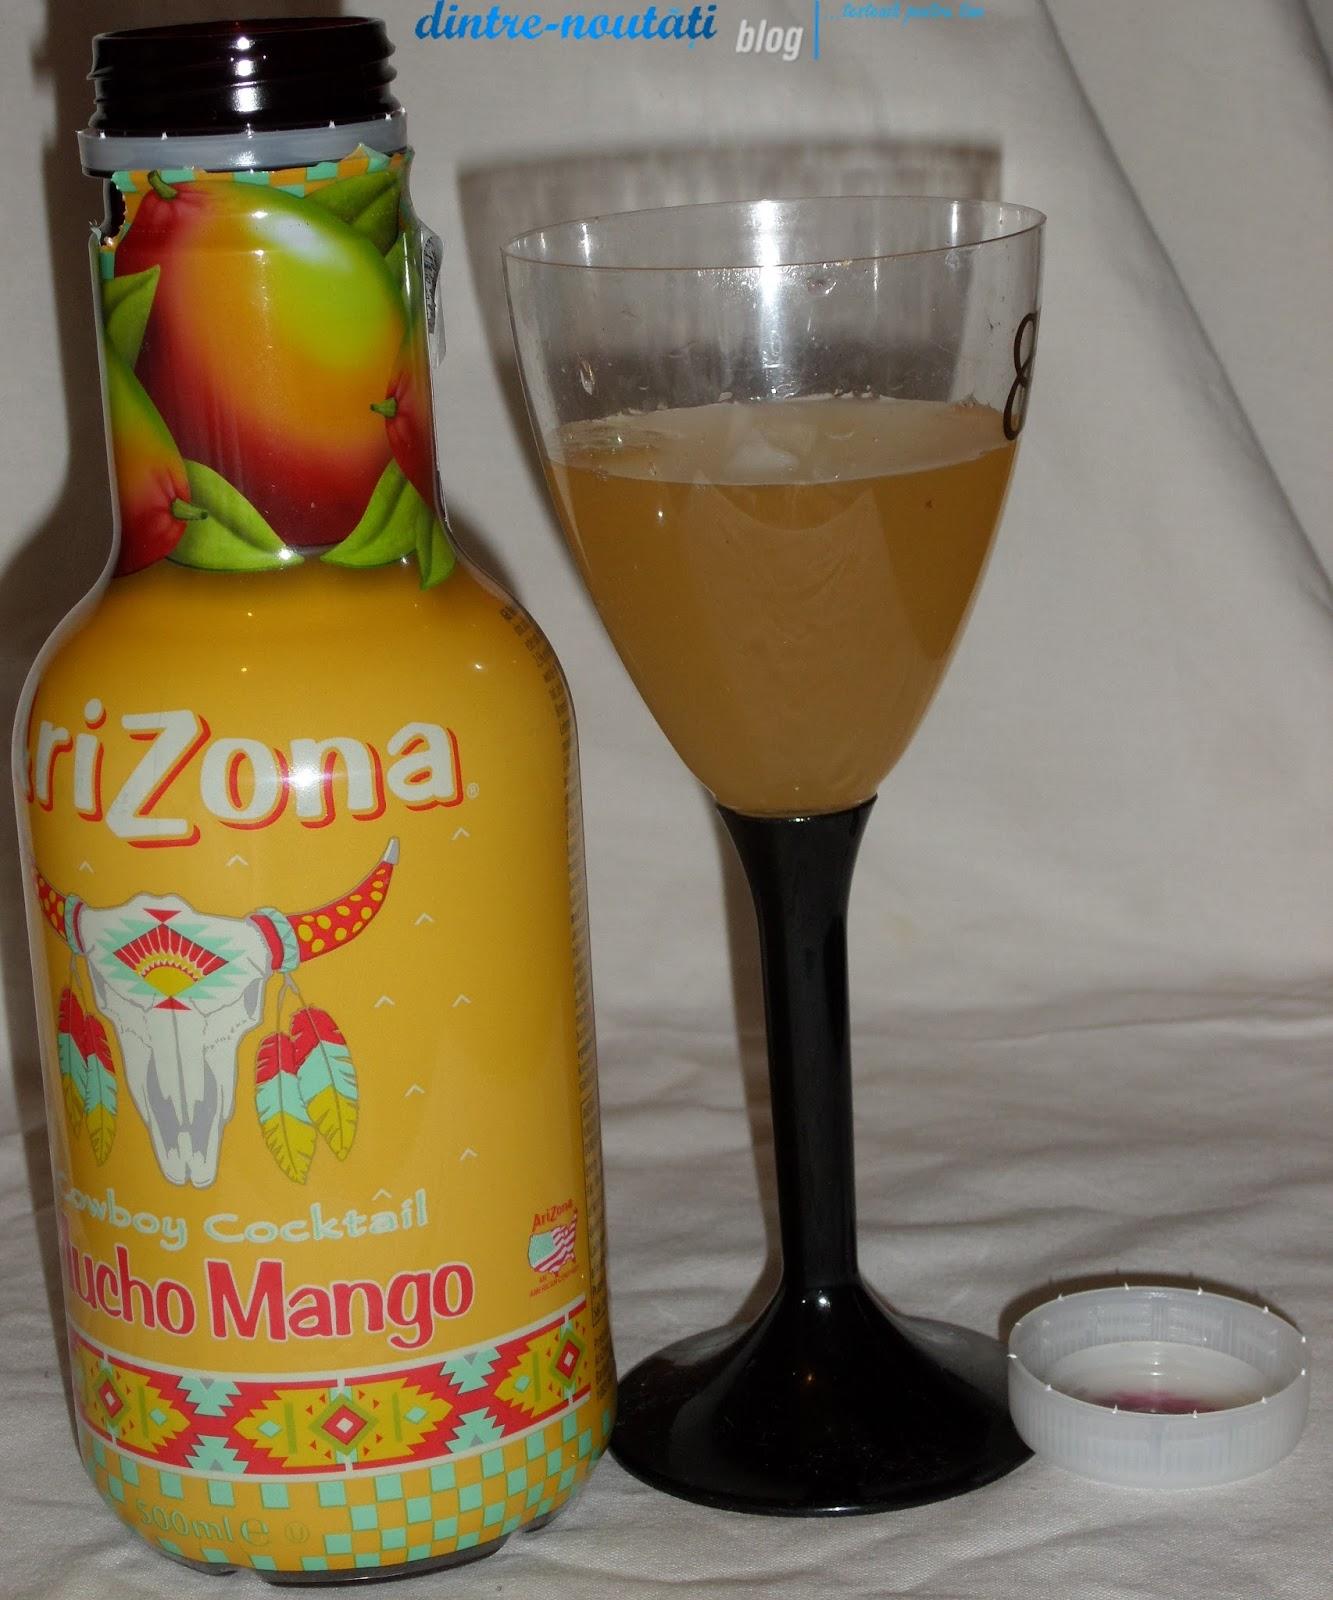 AriZona Cowboy Cocktail Mucho Mango - Băutură răcoritoare necarbogazoasă cu conținut de fructe 5,5%